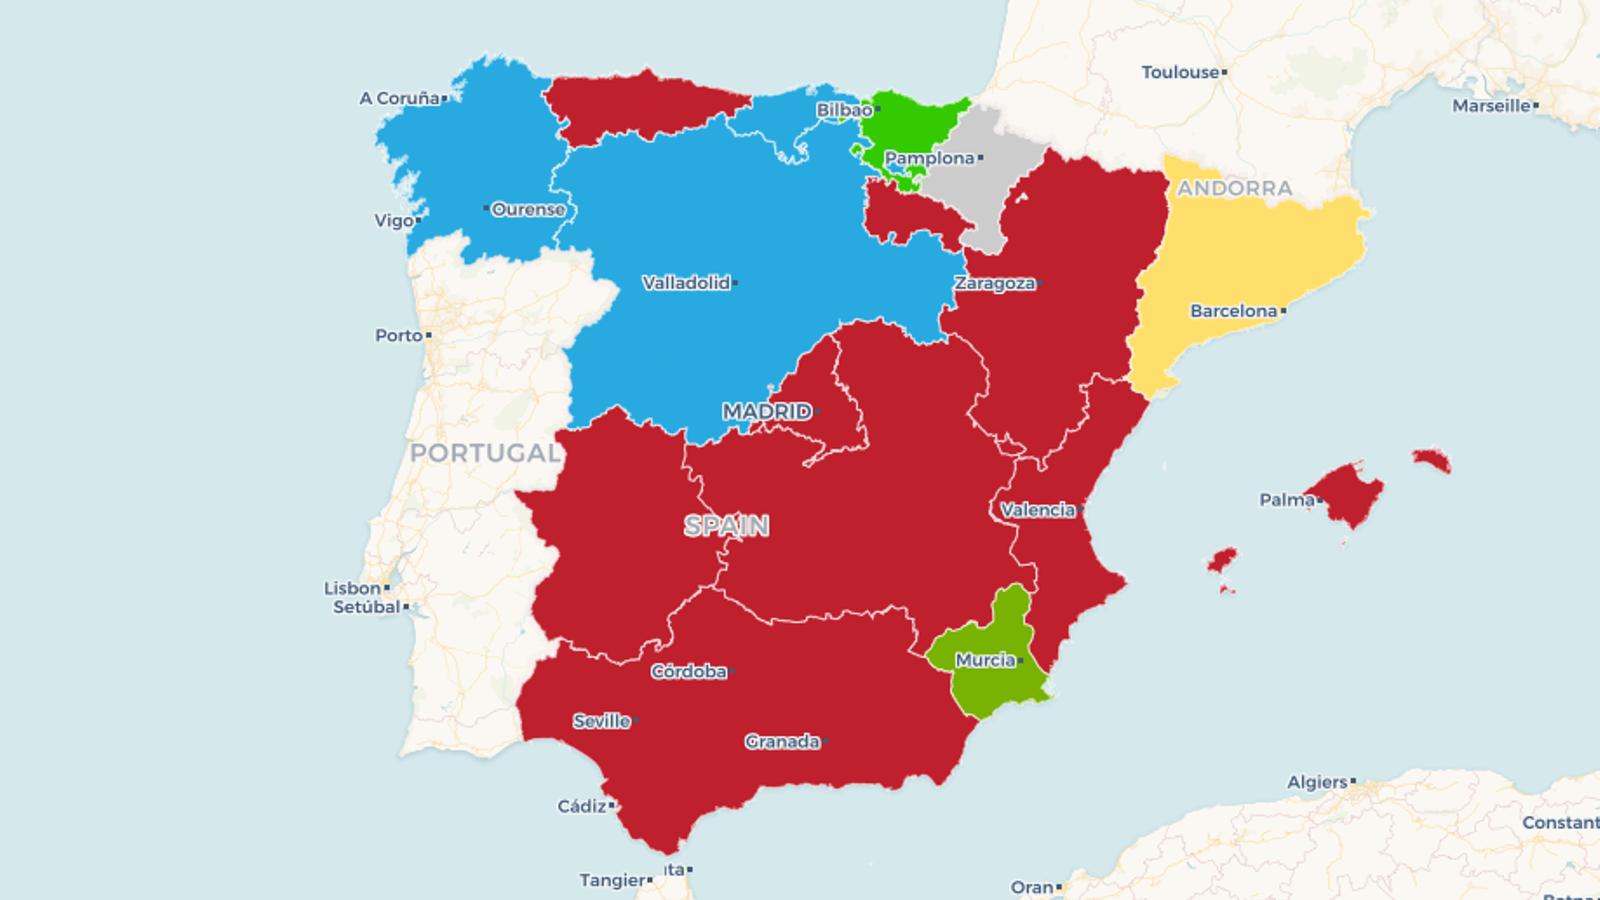 Mapa Interactiu Provincies Espanya.Mapes Interactius El Guanyador I El Vot A Cada Partit Per Comunitats I Per Provincies